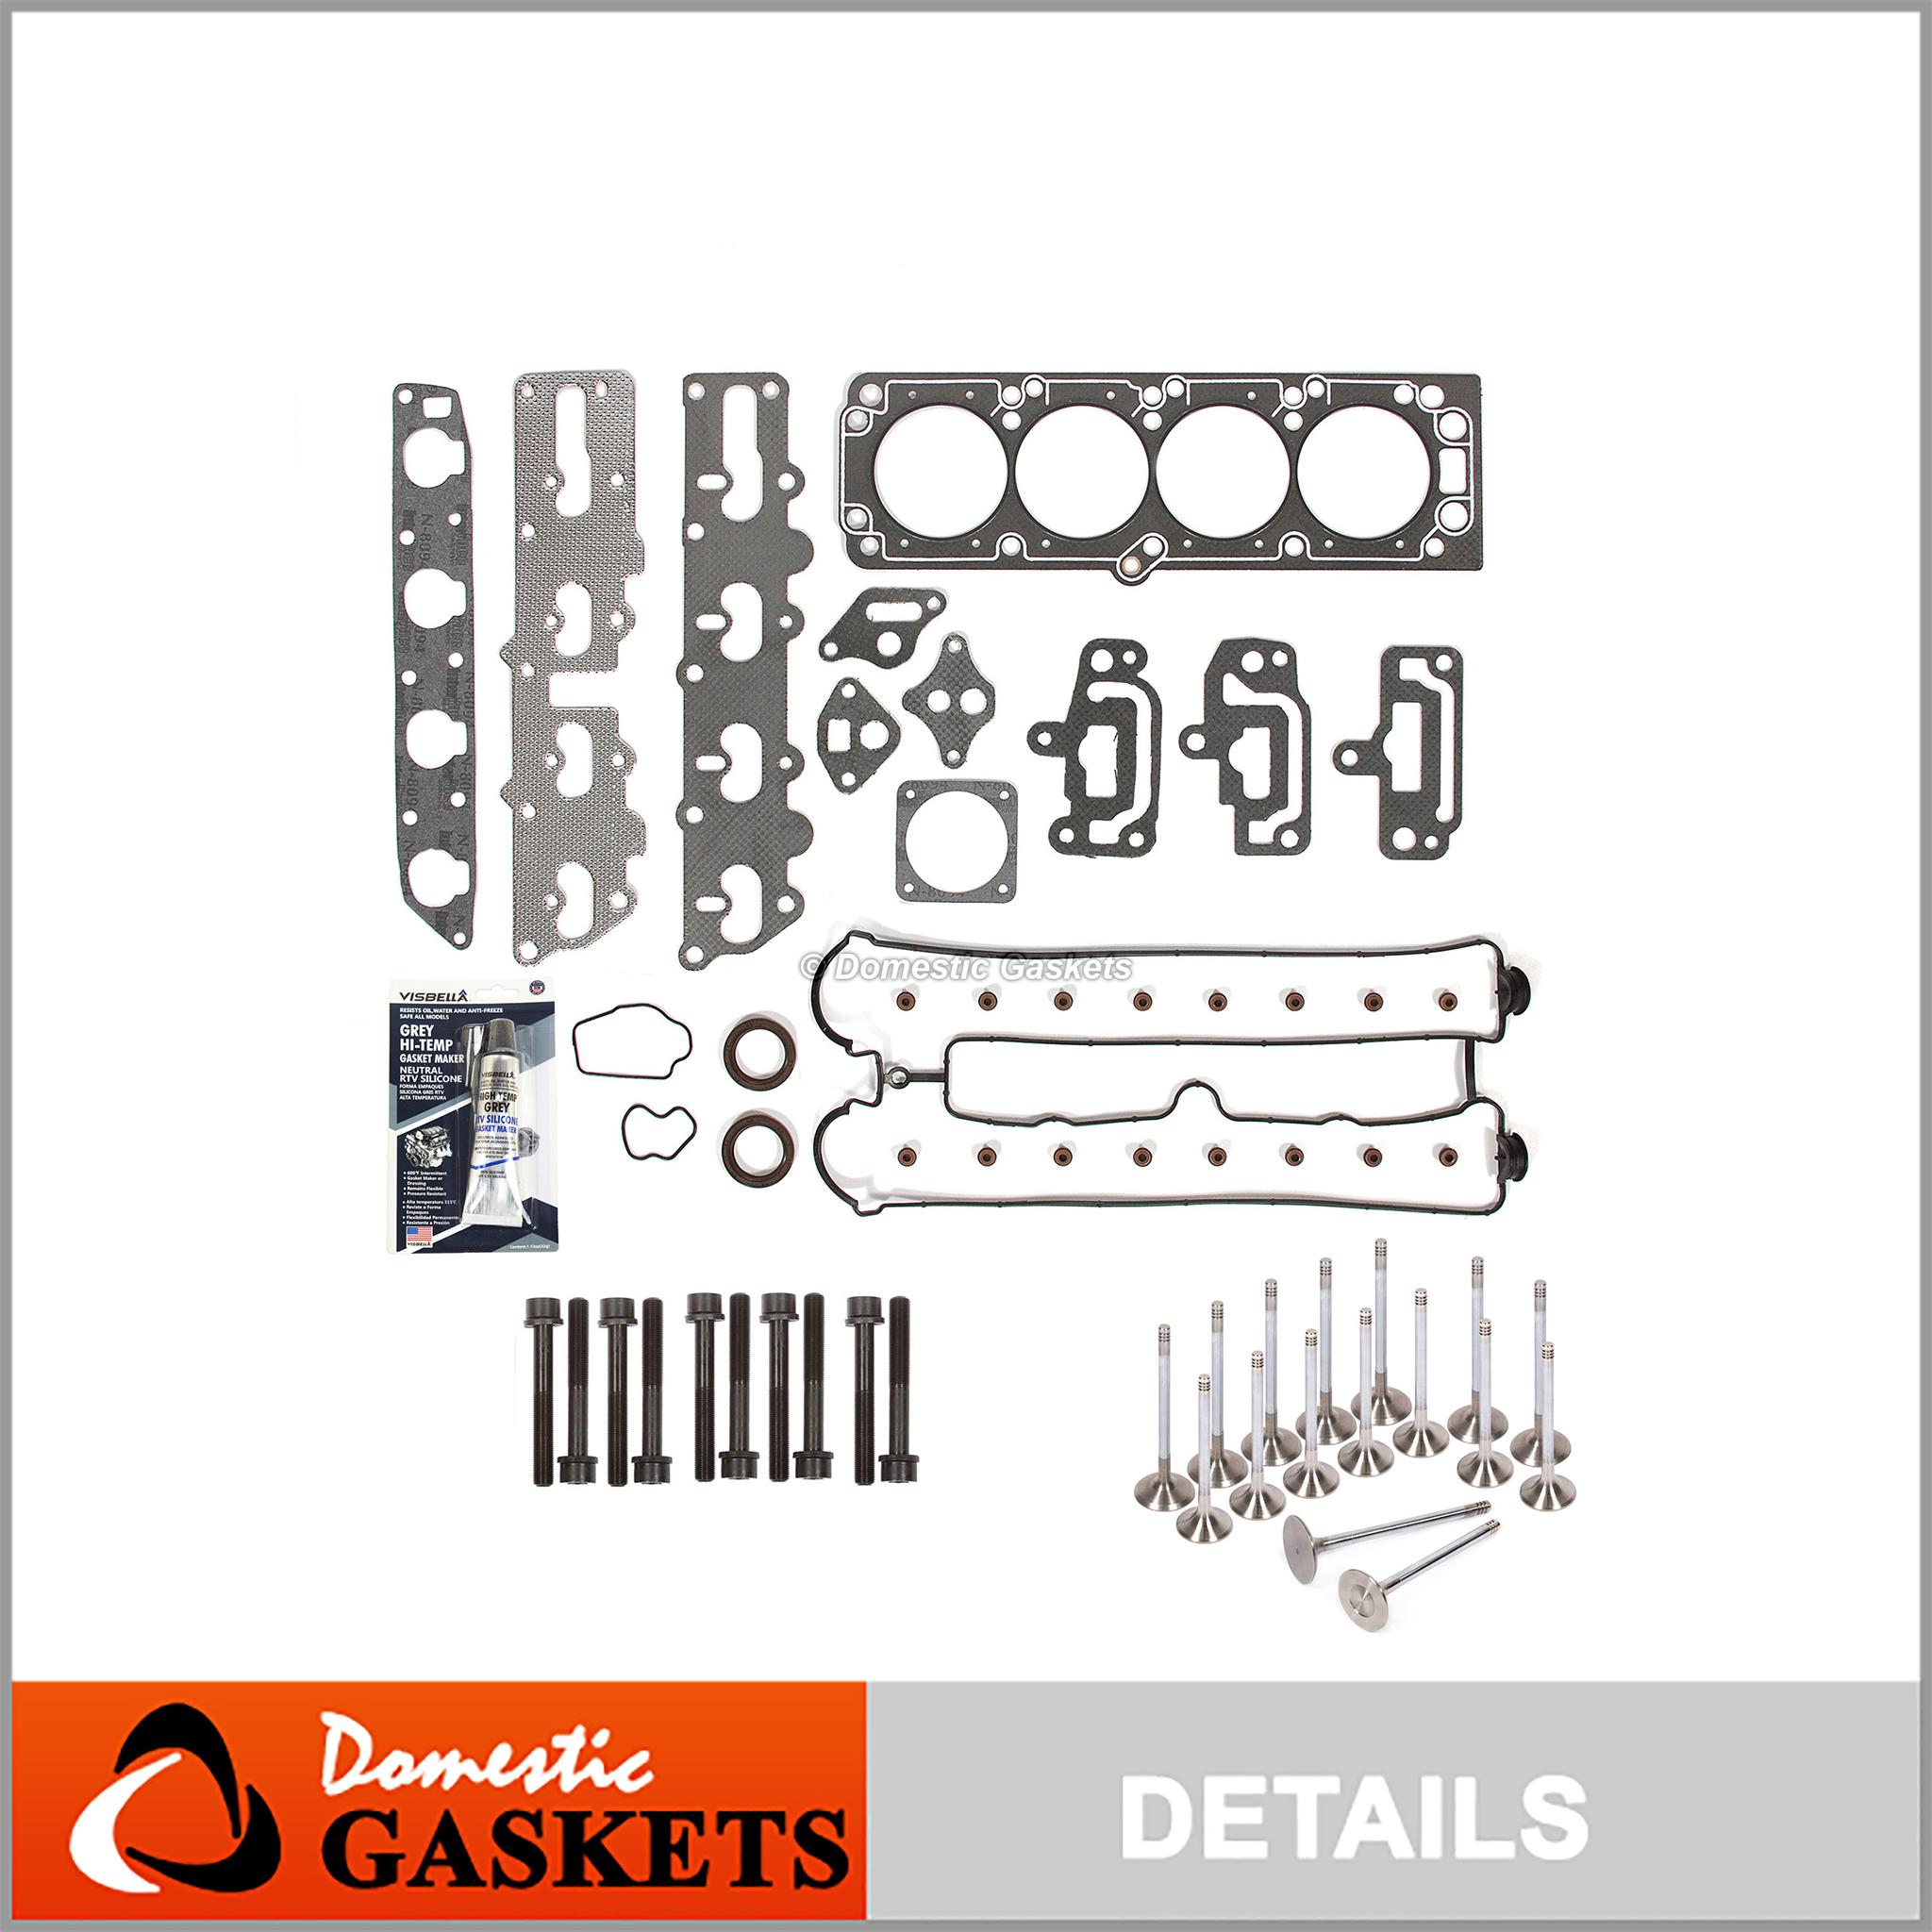 Head Gasket Set Bolts Fits 98-03 Daewoo Isuzu 2.0L 2.2L DOHC X22SE X20SE A20DMS